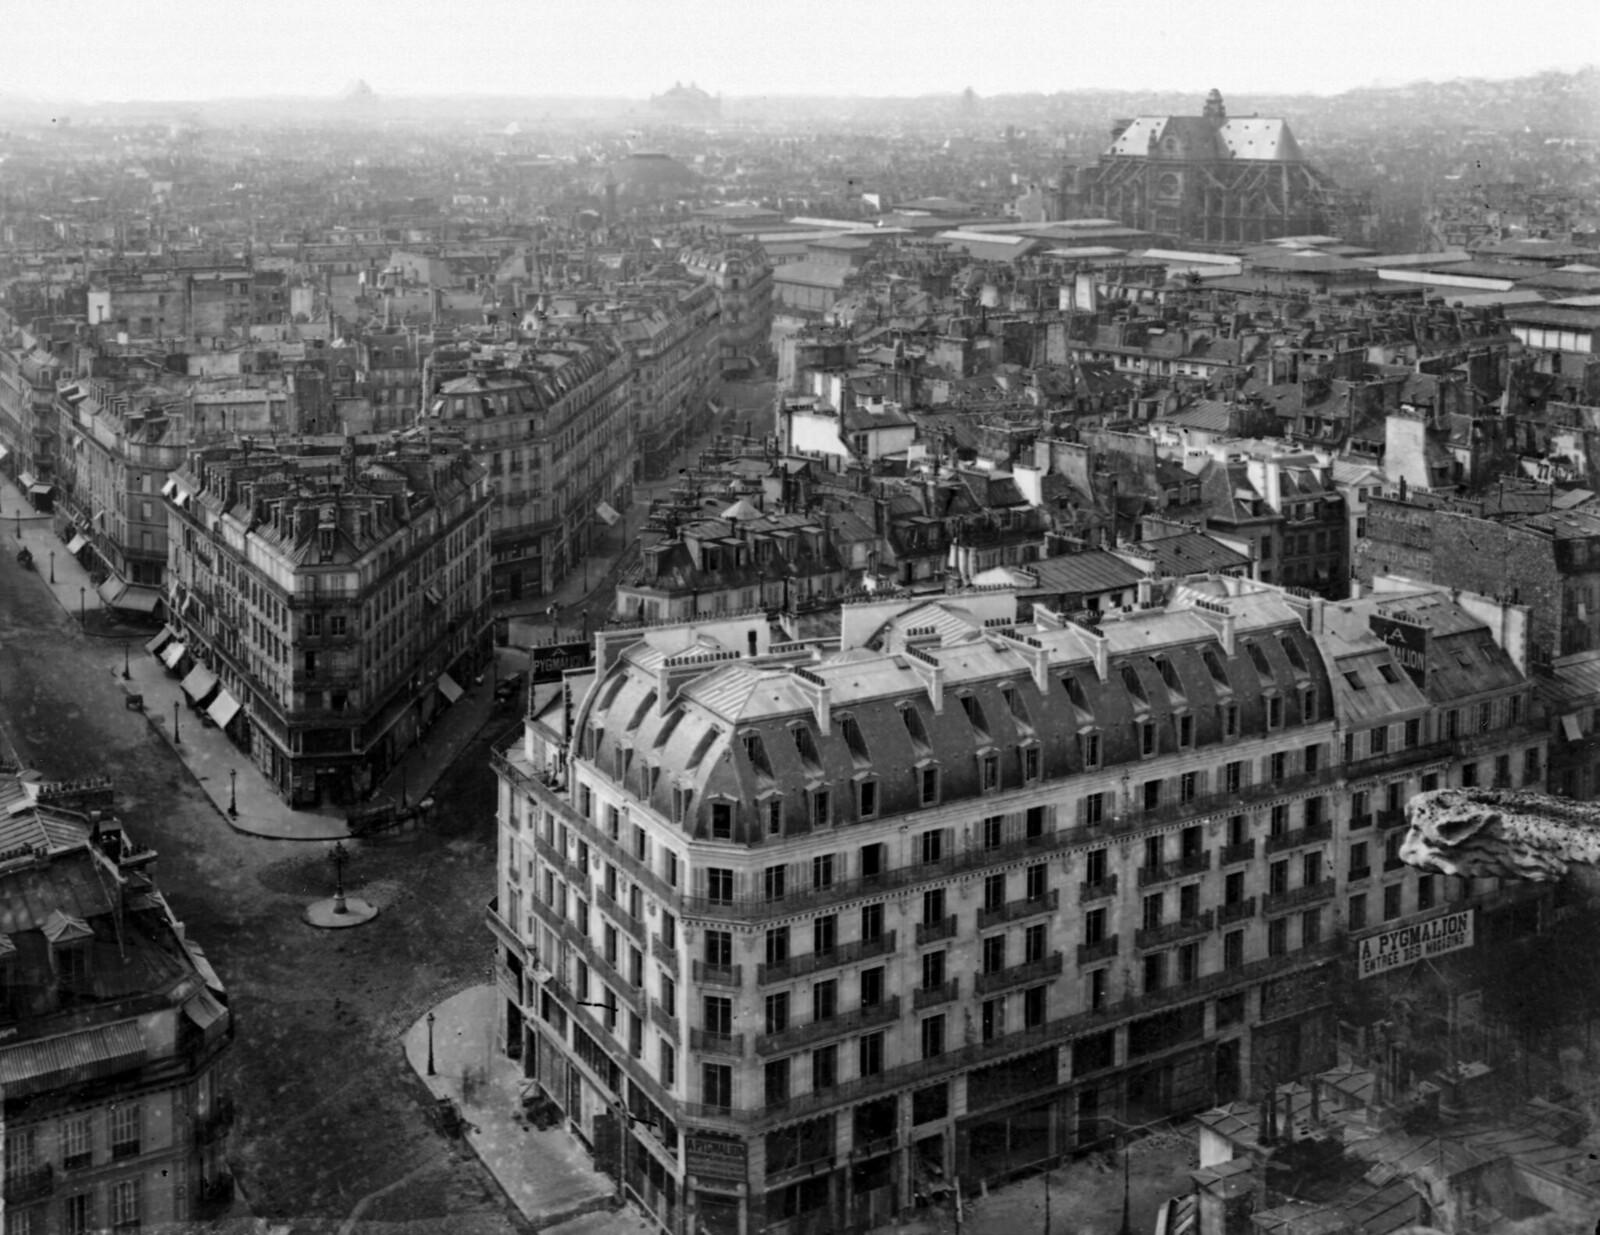 1865. Общий вид с церковью Сент-Эсташ, Севастопольским бульваром и улицей Риволи